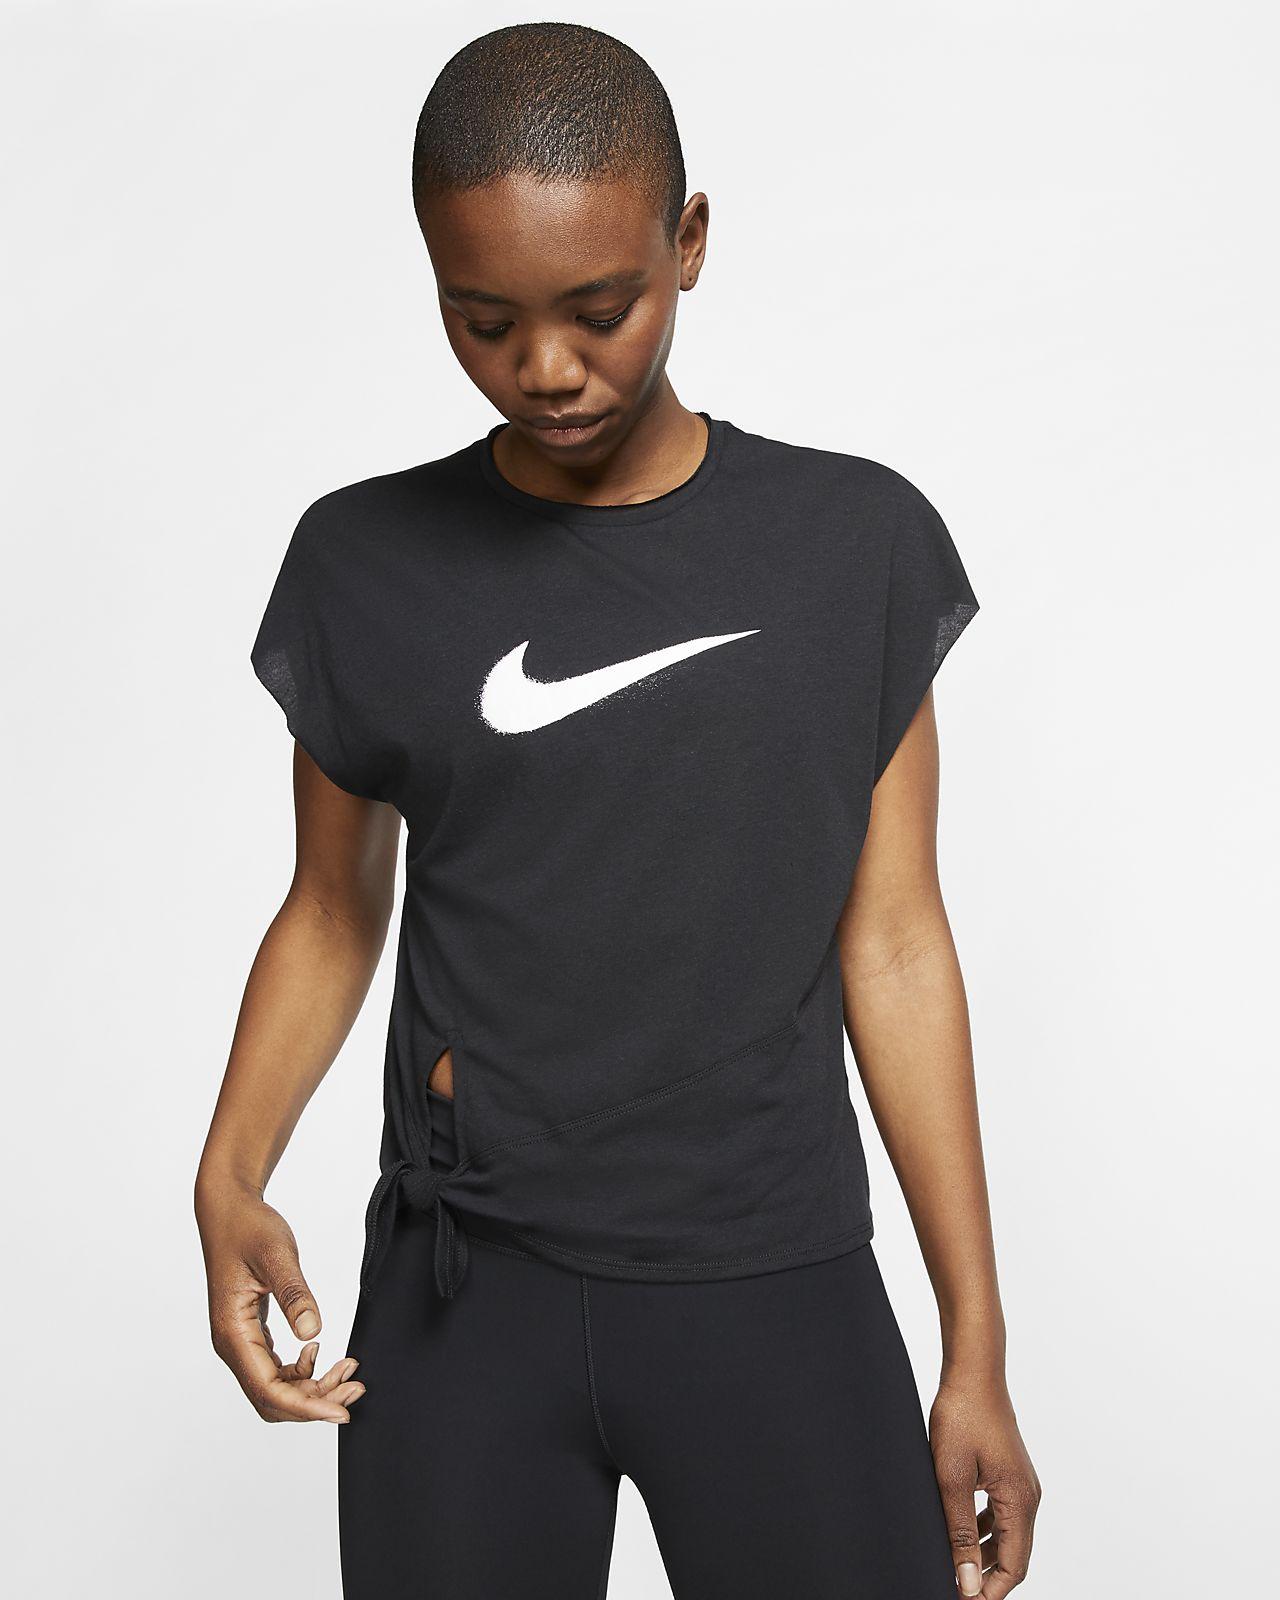 Kortärmad träningströja Nike Dri-FIT för kvinnor